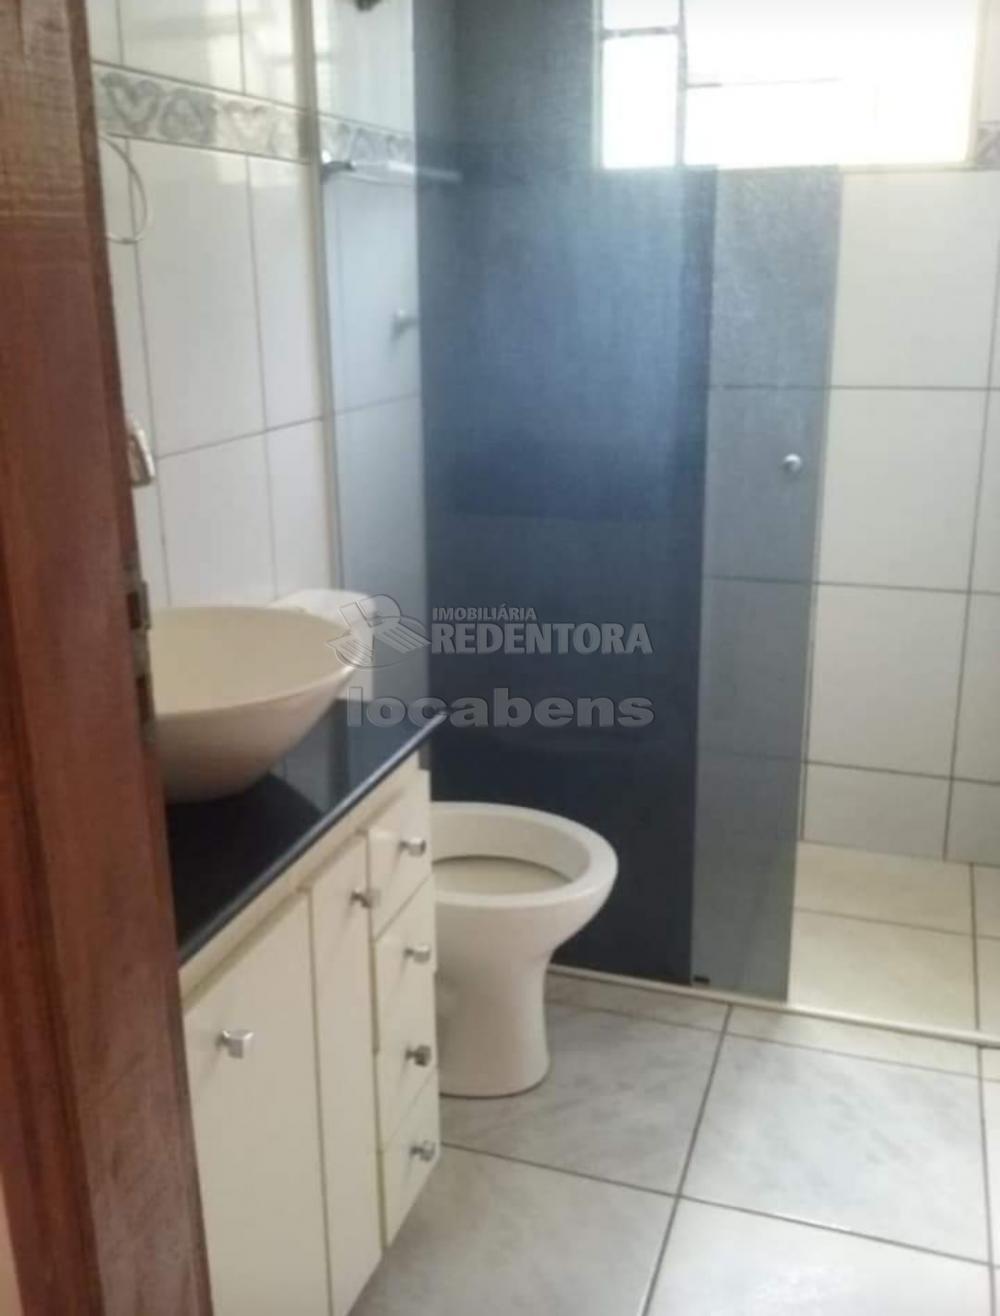 Alugar Casa / Padrão em São José do Rio Preto R$ 1.200,00 - Foto 7